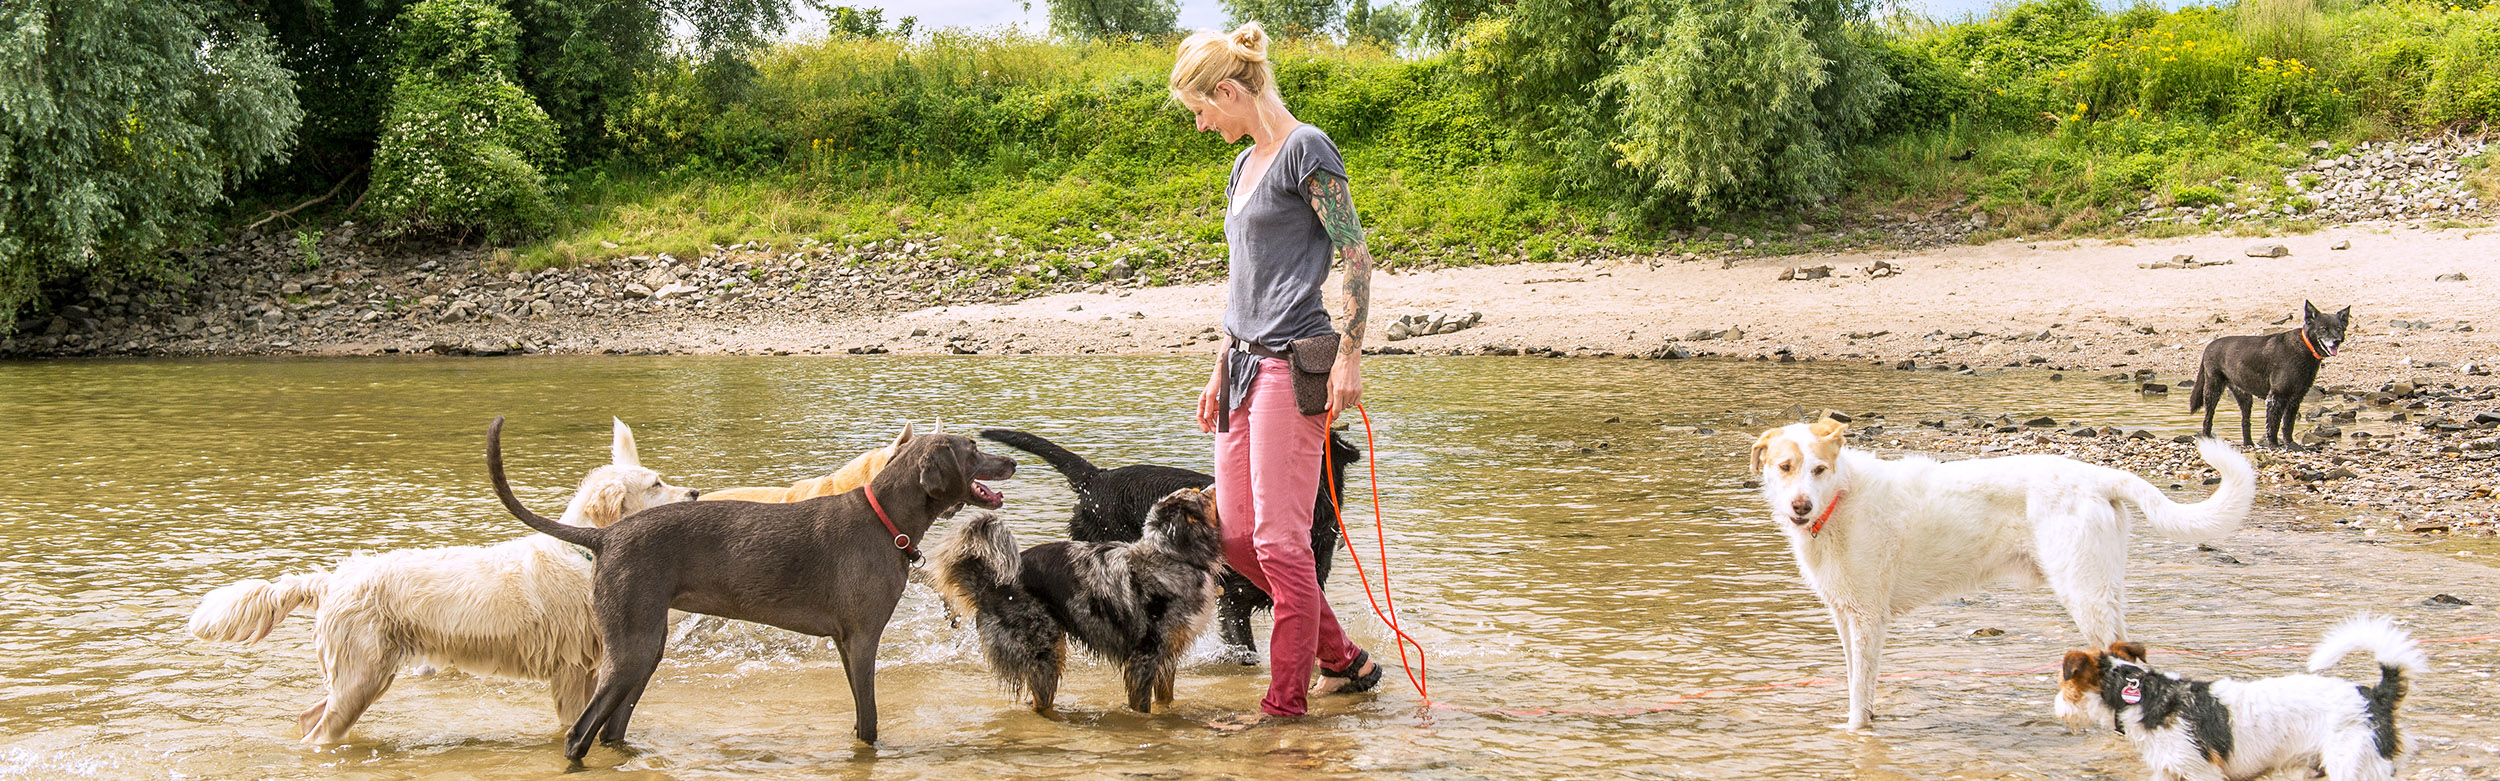 Gassiservice Hundebetreuung Bellosbest Urlaubsbetreuung Ausführservice, Foto von Zaubergraphie